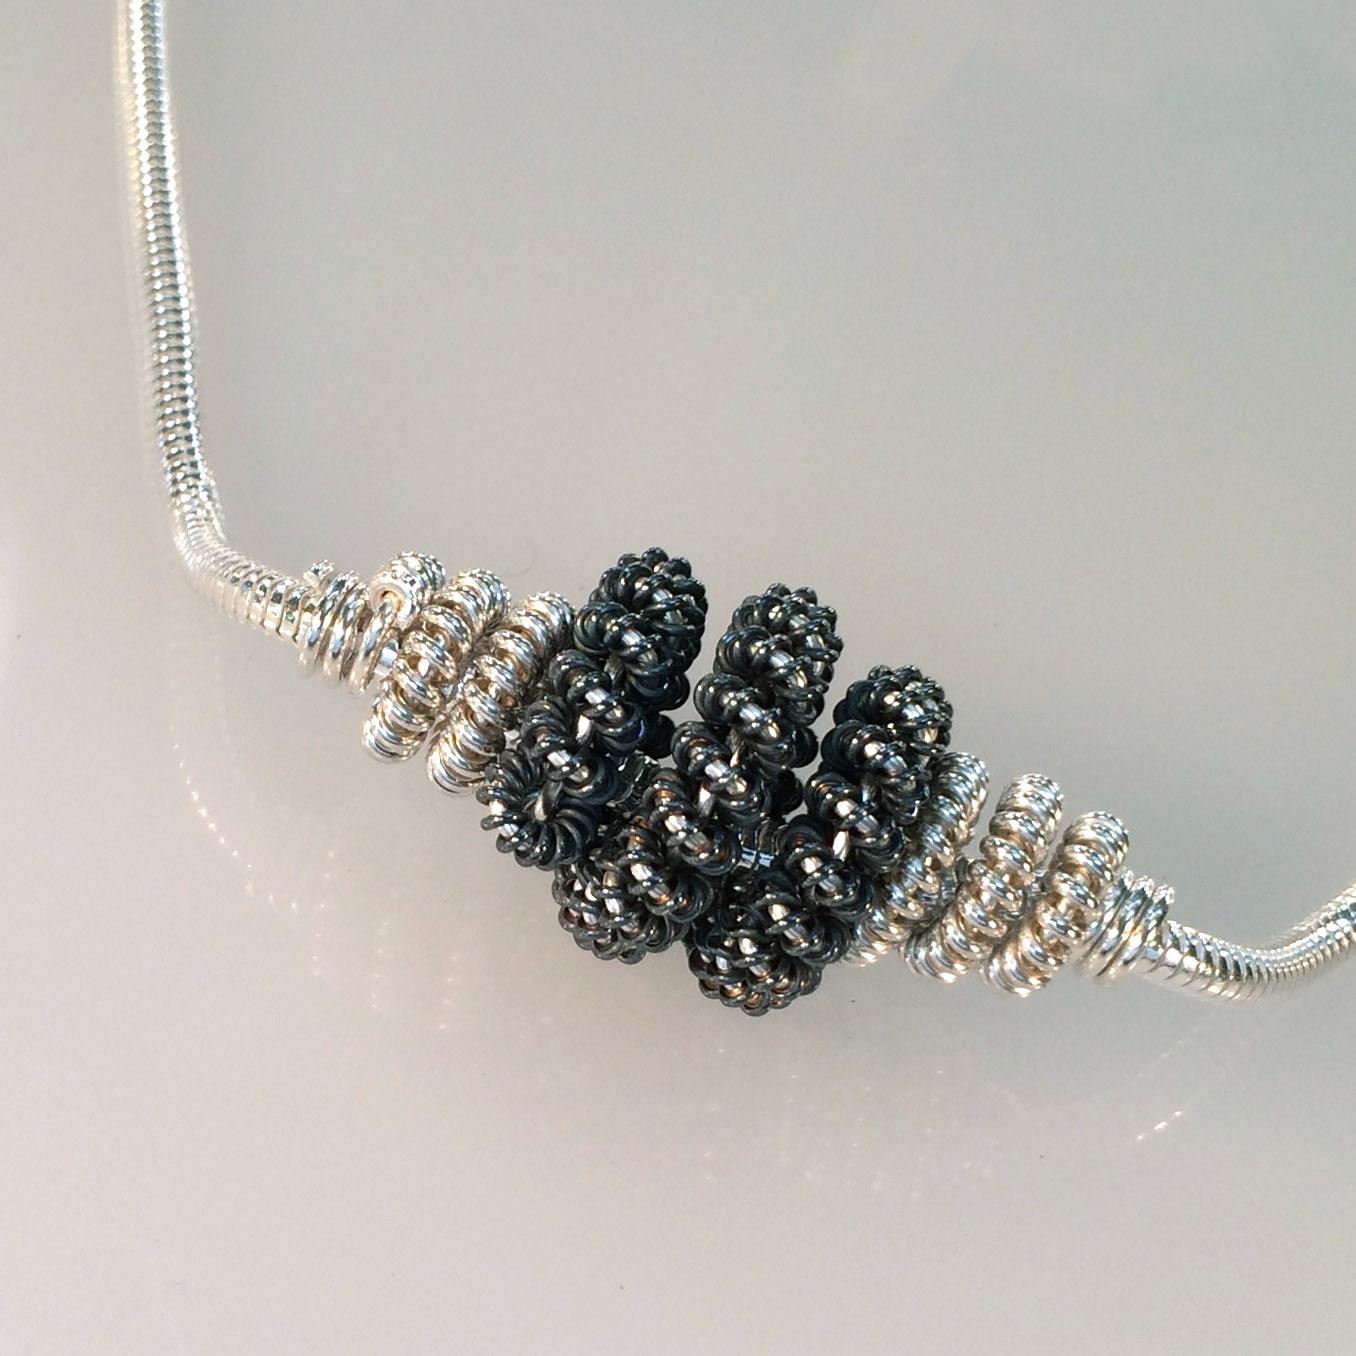 Fiddle Faddle Necklace